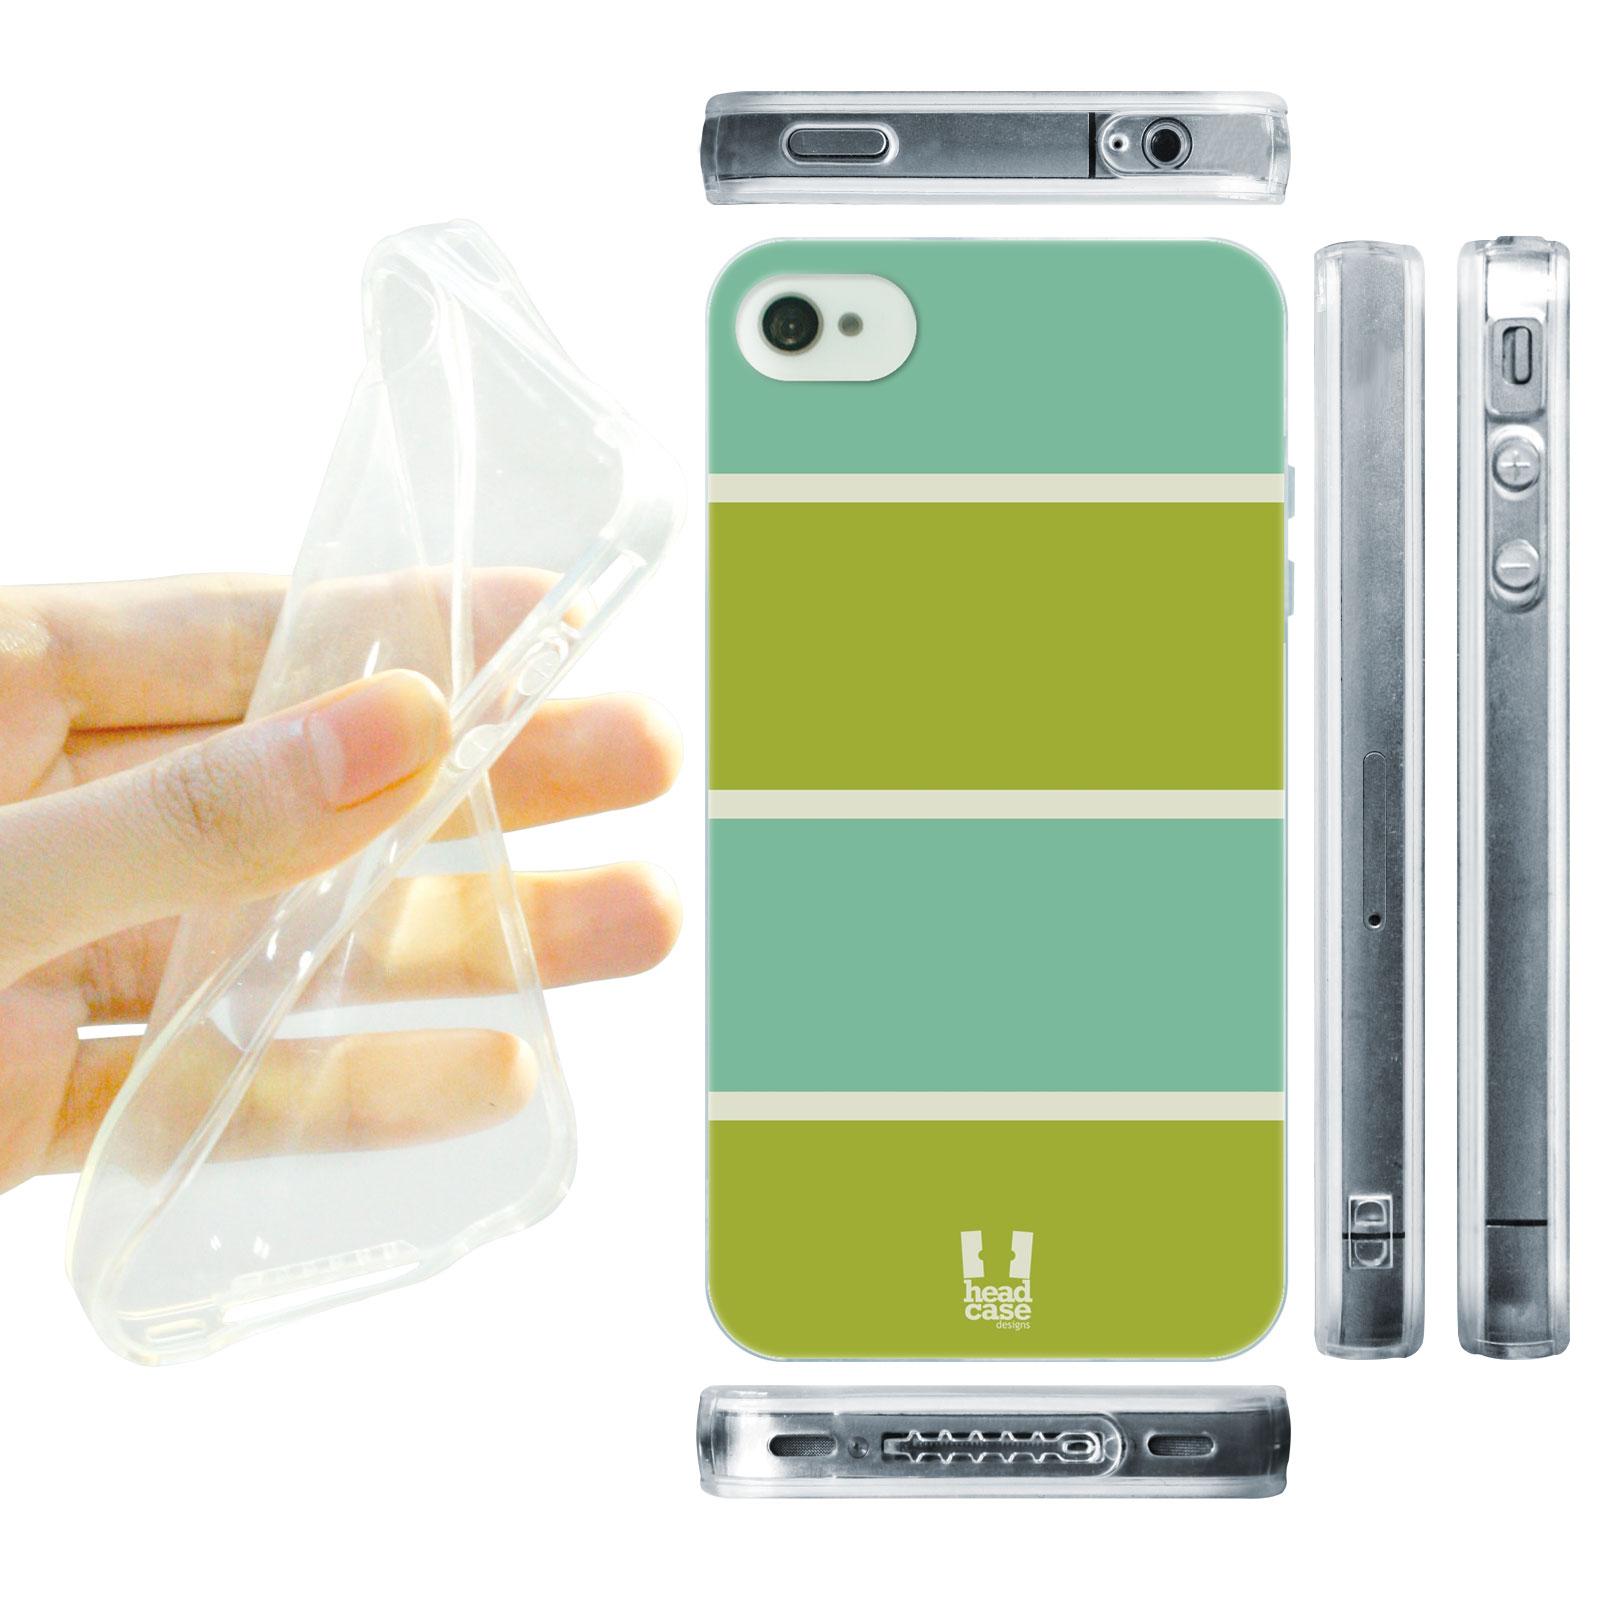 HEAD CASE silikonový obal na mobil Iphone 4/4S barevné pruhy tyrkysová a zelená